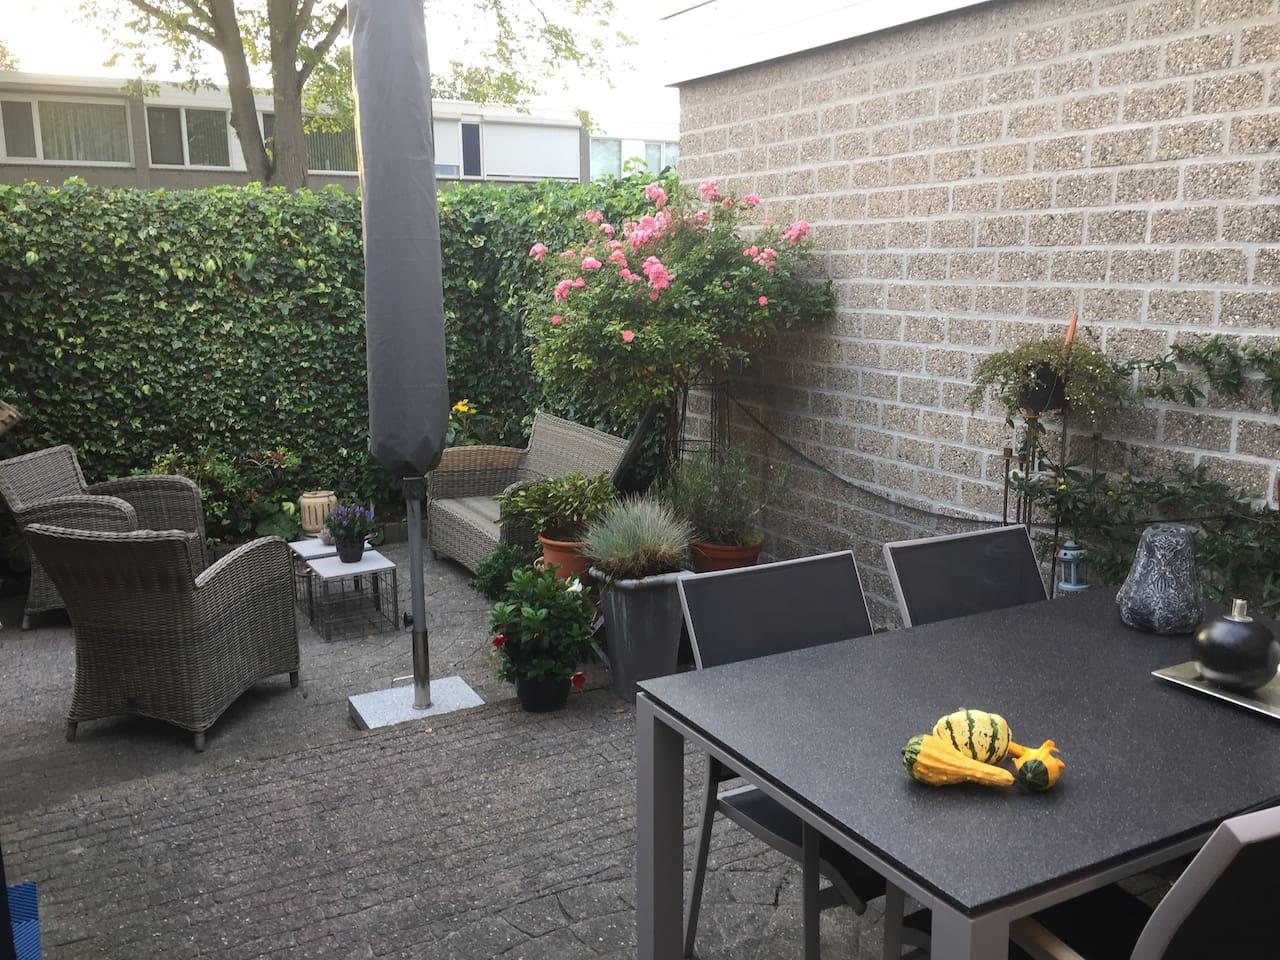 U kunt gebruik maken van ons mooie terras, achter het huis. Windstil en heerlijk zonnig. Ook kunt u uw fietsten plaatsen in de schuur, grenzend aan terras.